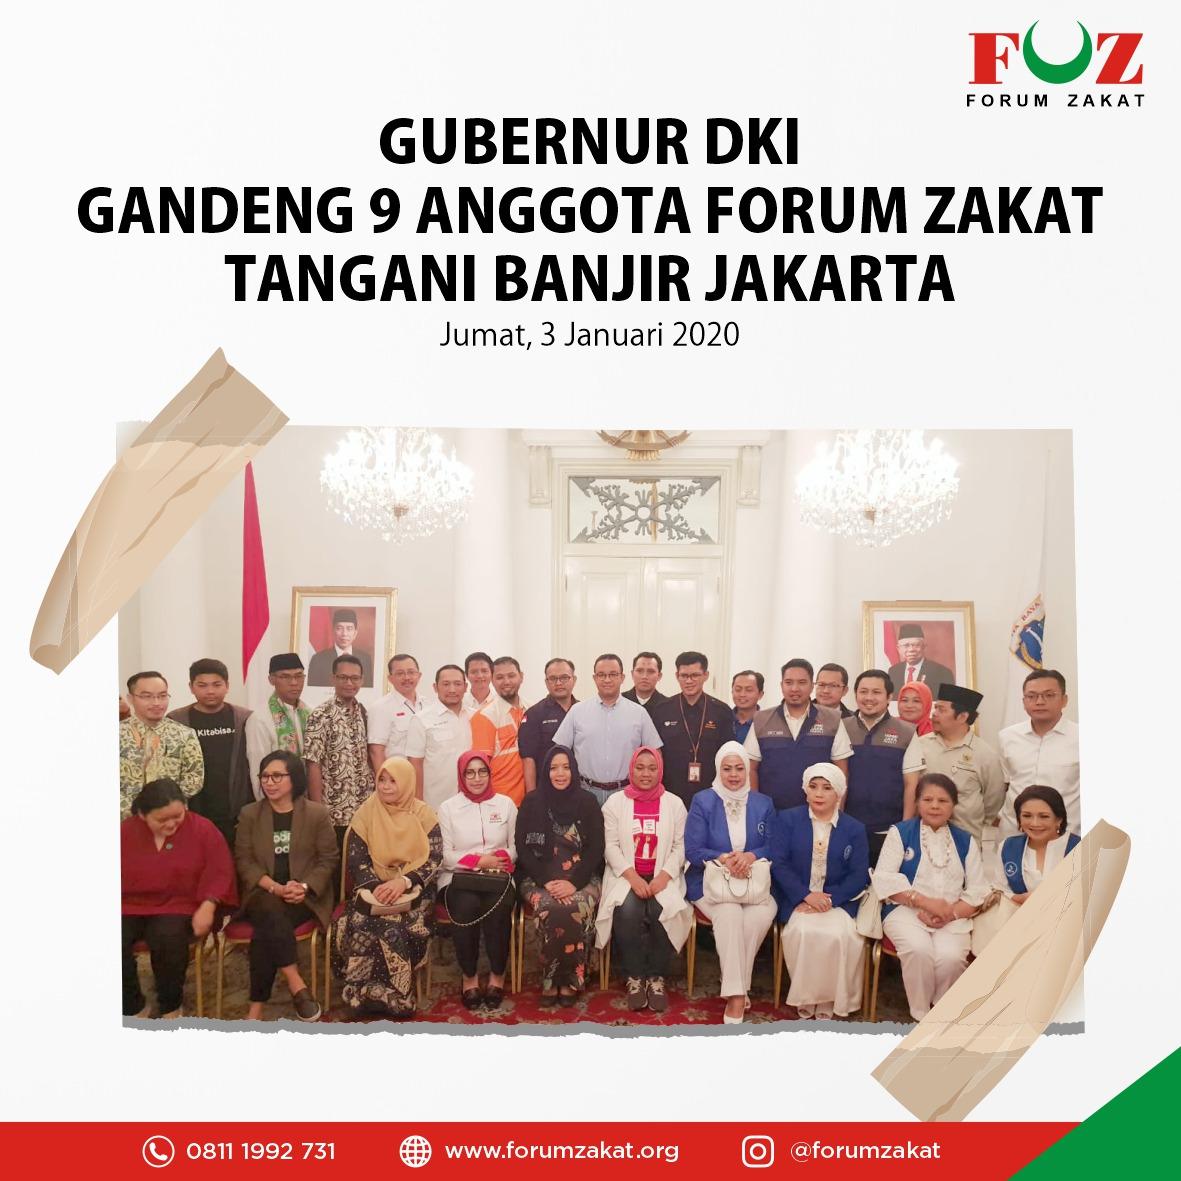 Gubernur DKI Gandeng Anggota Forum Zakat Tangani Banjir Jakarta